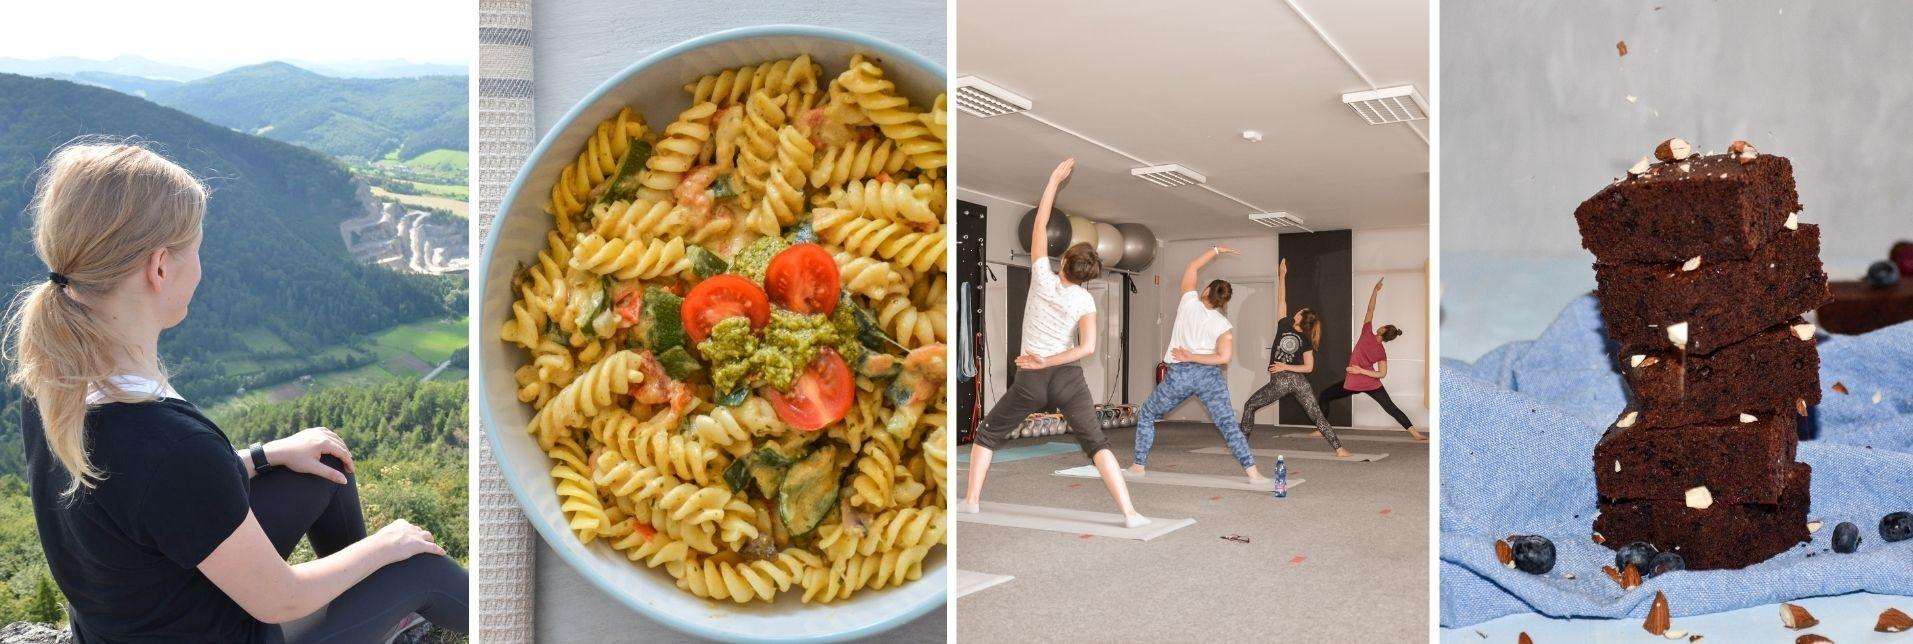 Zdravé recepty, power joga, motivácia